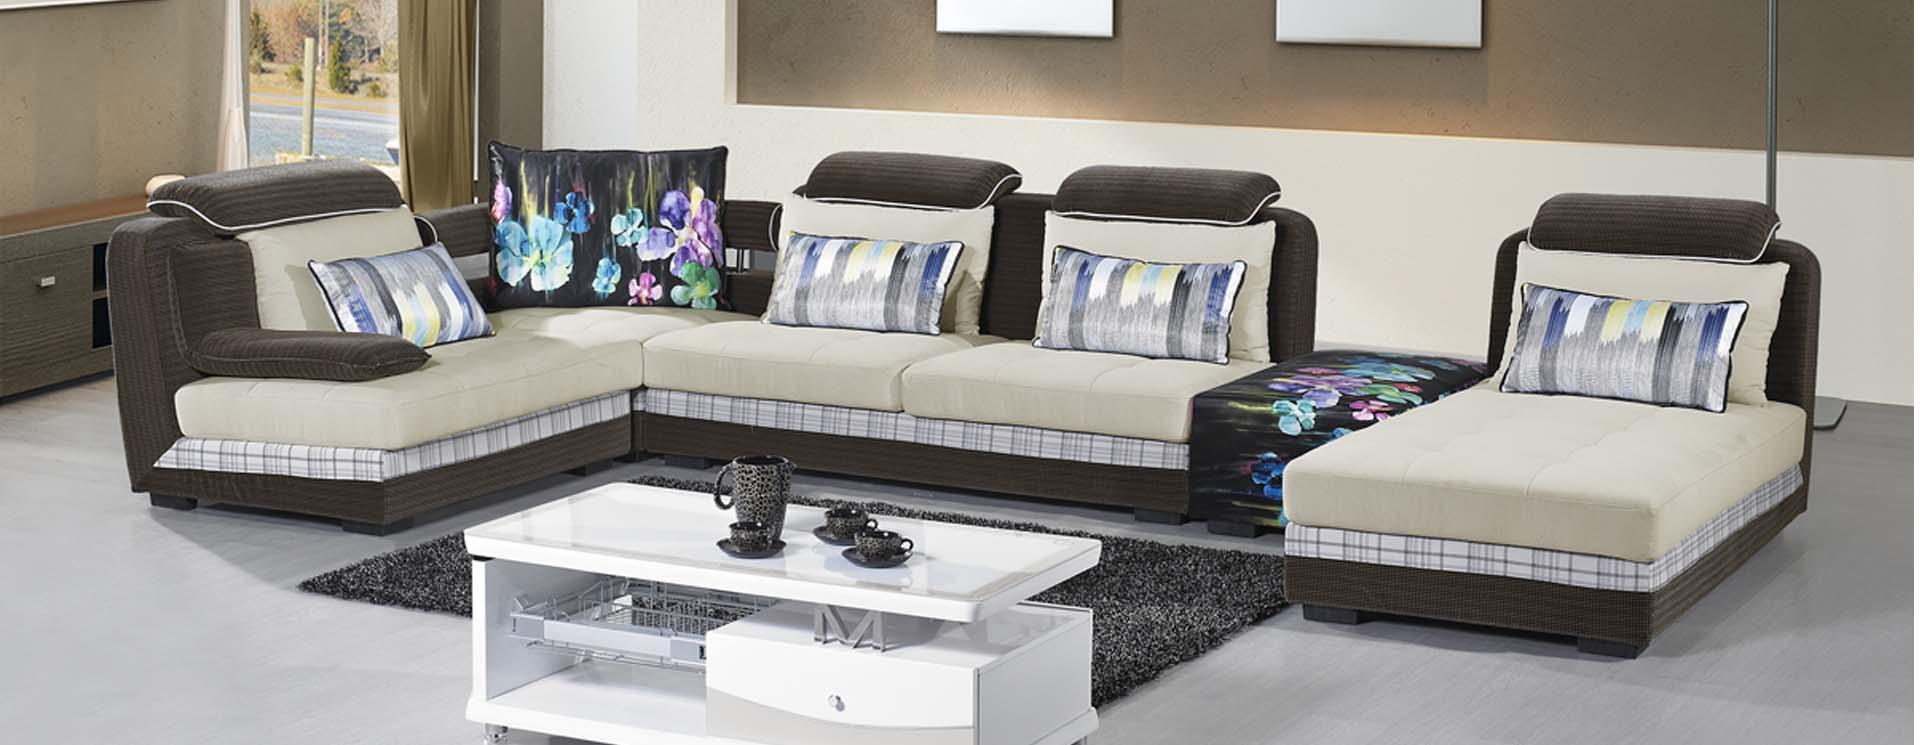 名称:沙发A-4B<br/> 市场价:<font style='color:#999;text-decoration:line-through;'>¥0</font><br />全国统一零售价:<font color='Red'>¥0.0</font>